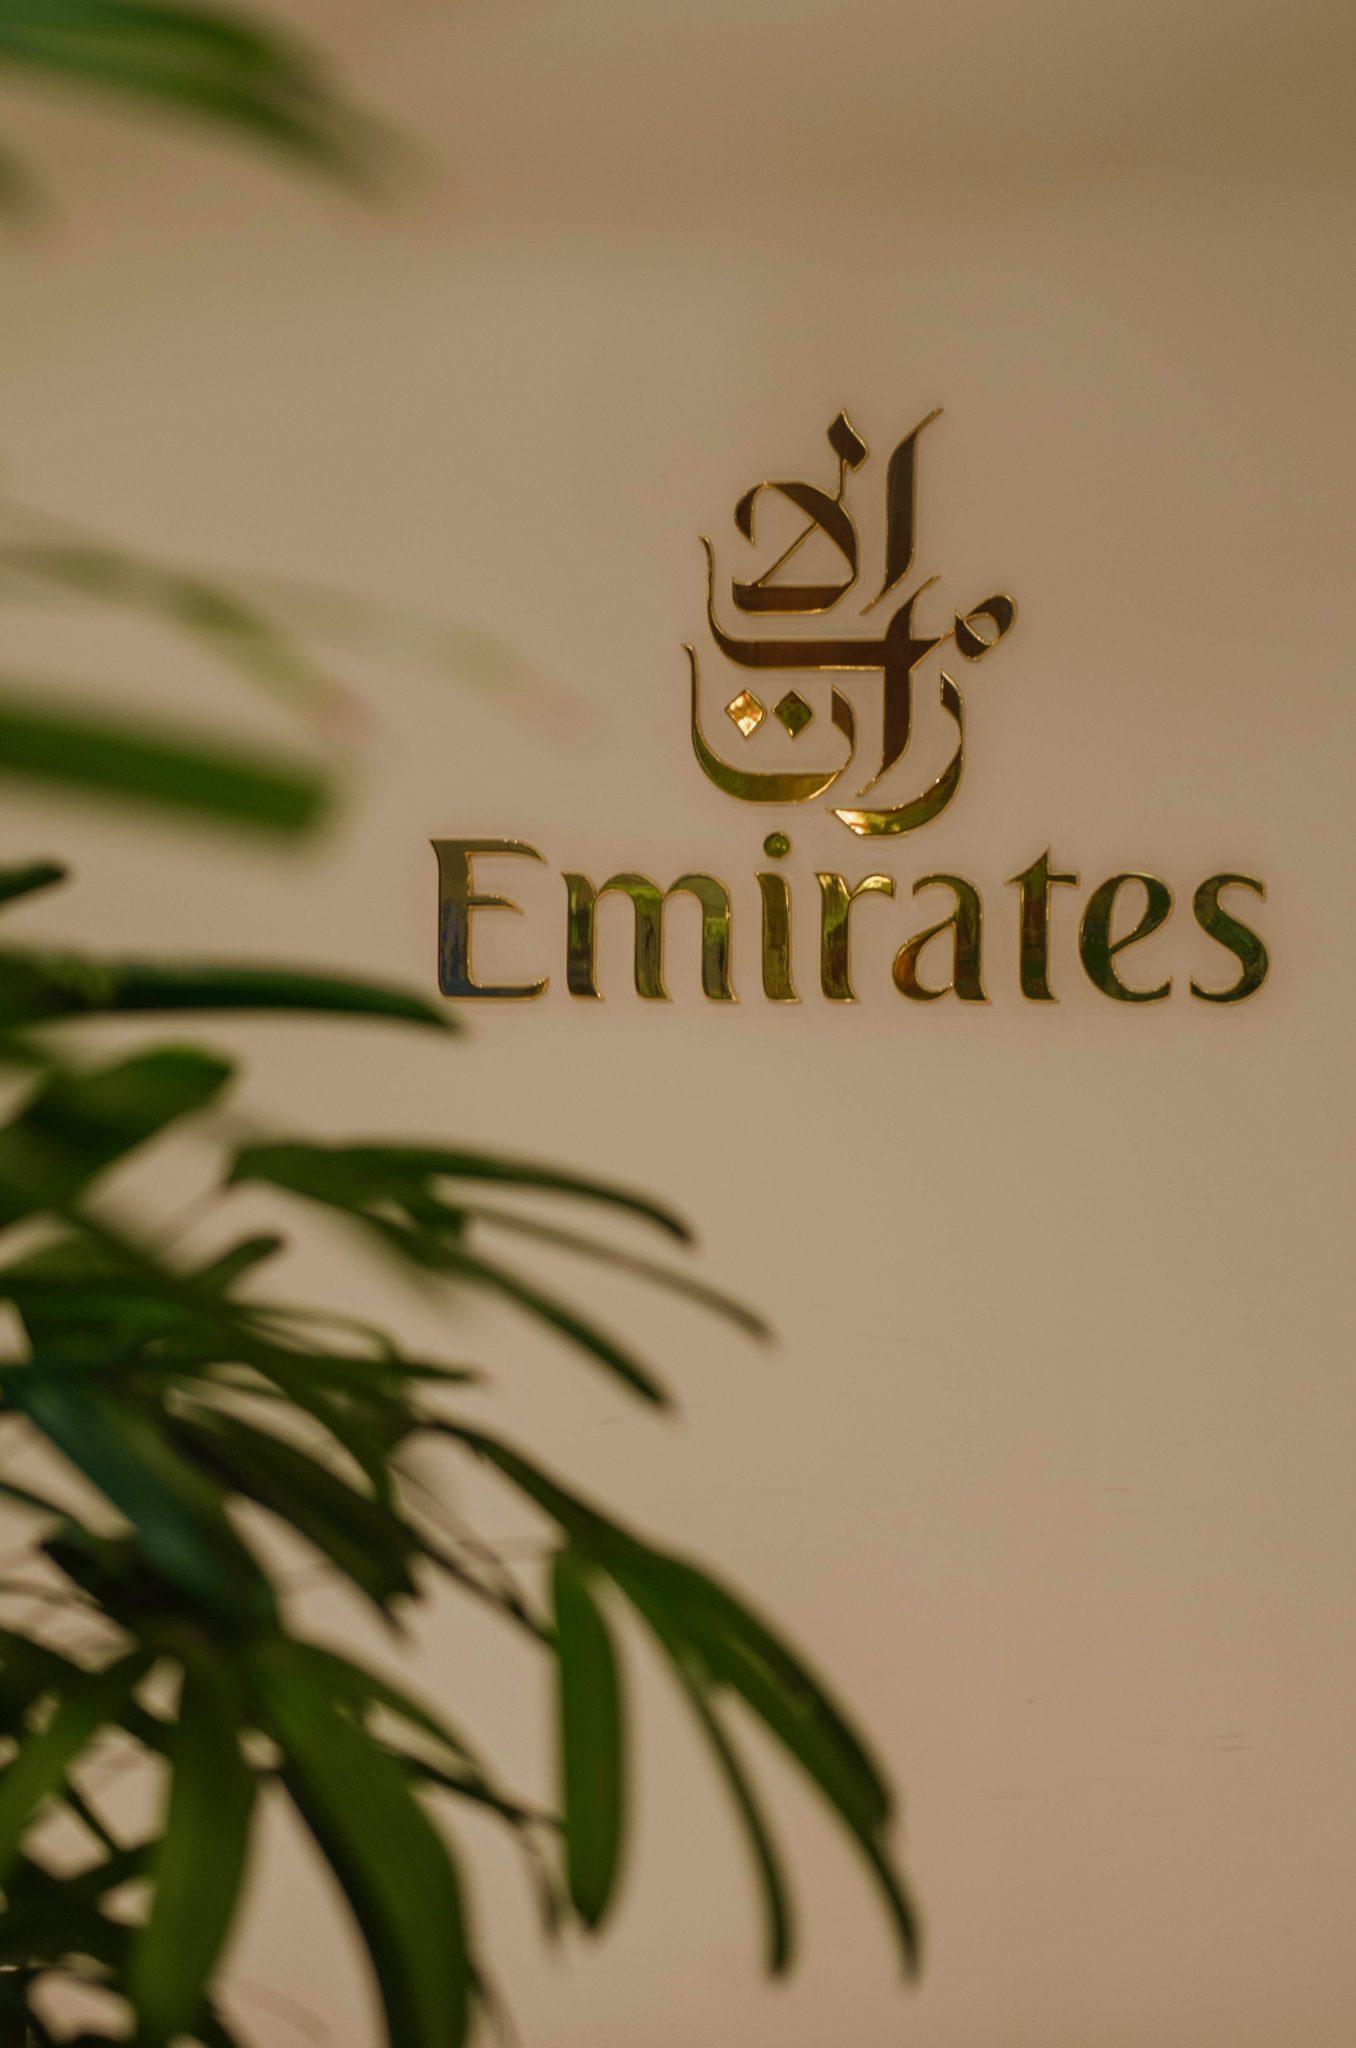 Emirates Business Class A380: Die Emirates Lounge am Flughafen Frankfurt ist geräumig und gemütlich